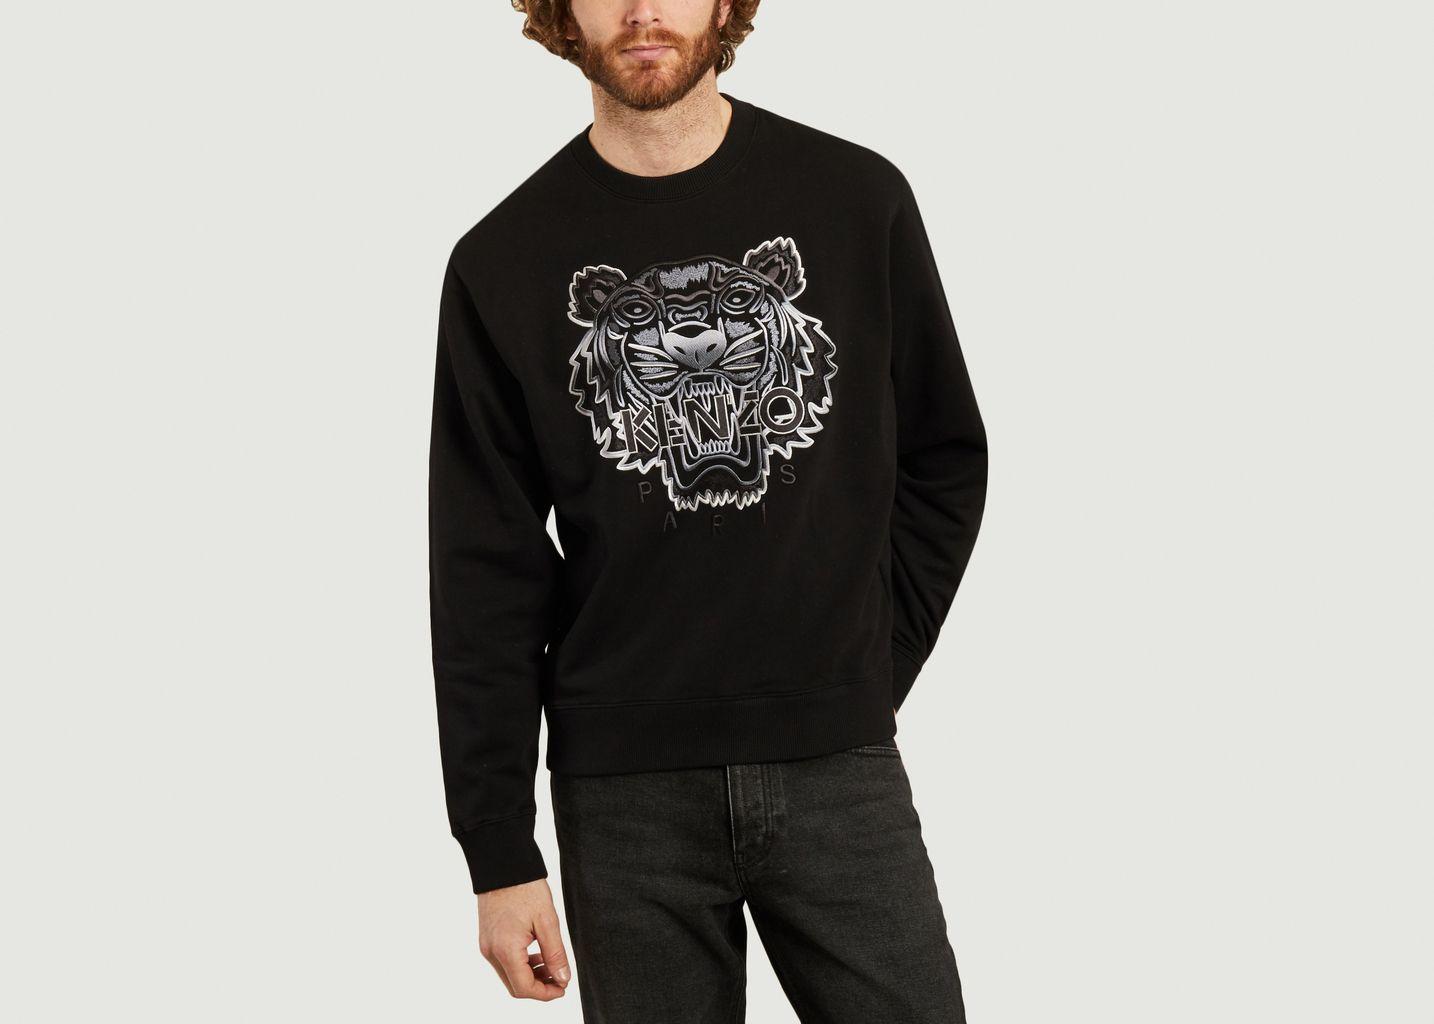 Sweatshirt Gradient Tiger - Kenzo